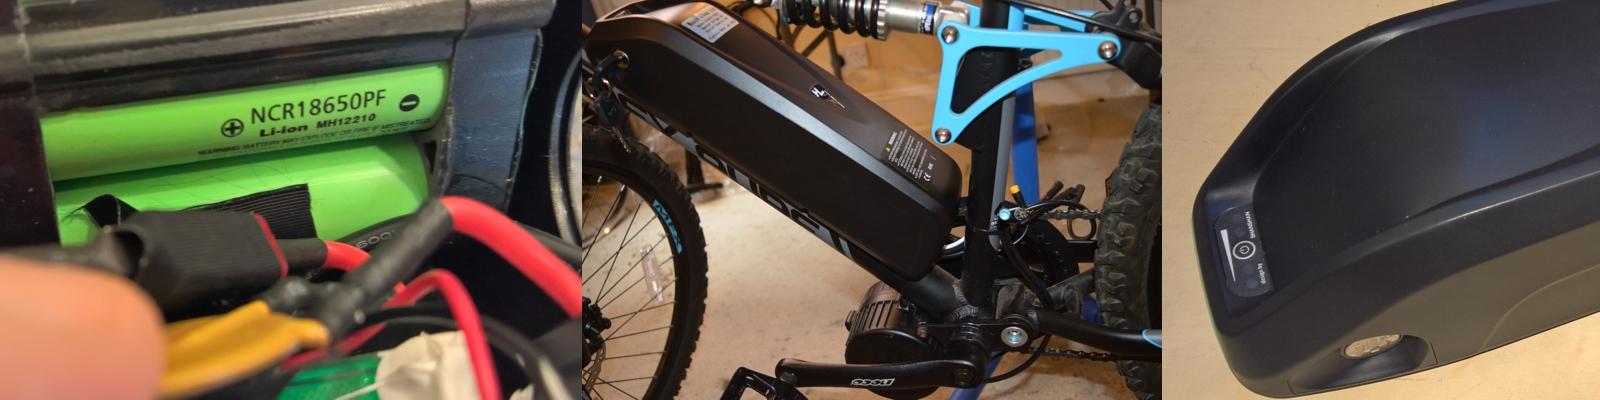 E-bike Batteries | Electric Bikes from Woosh | electric bike ... on